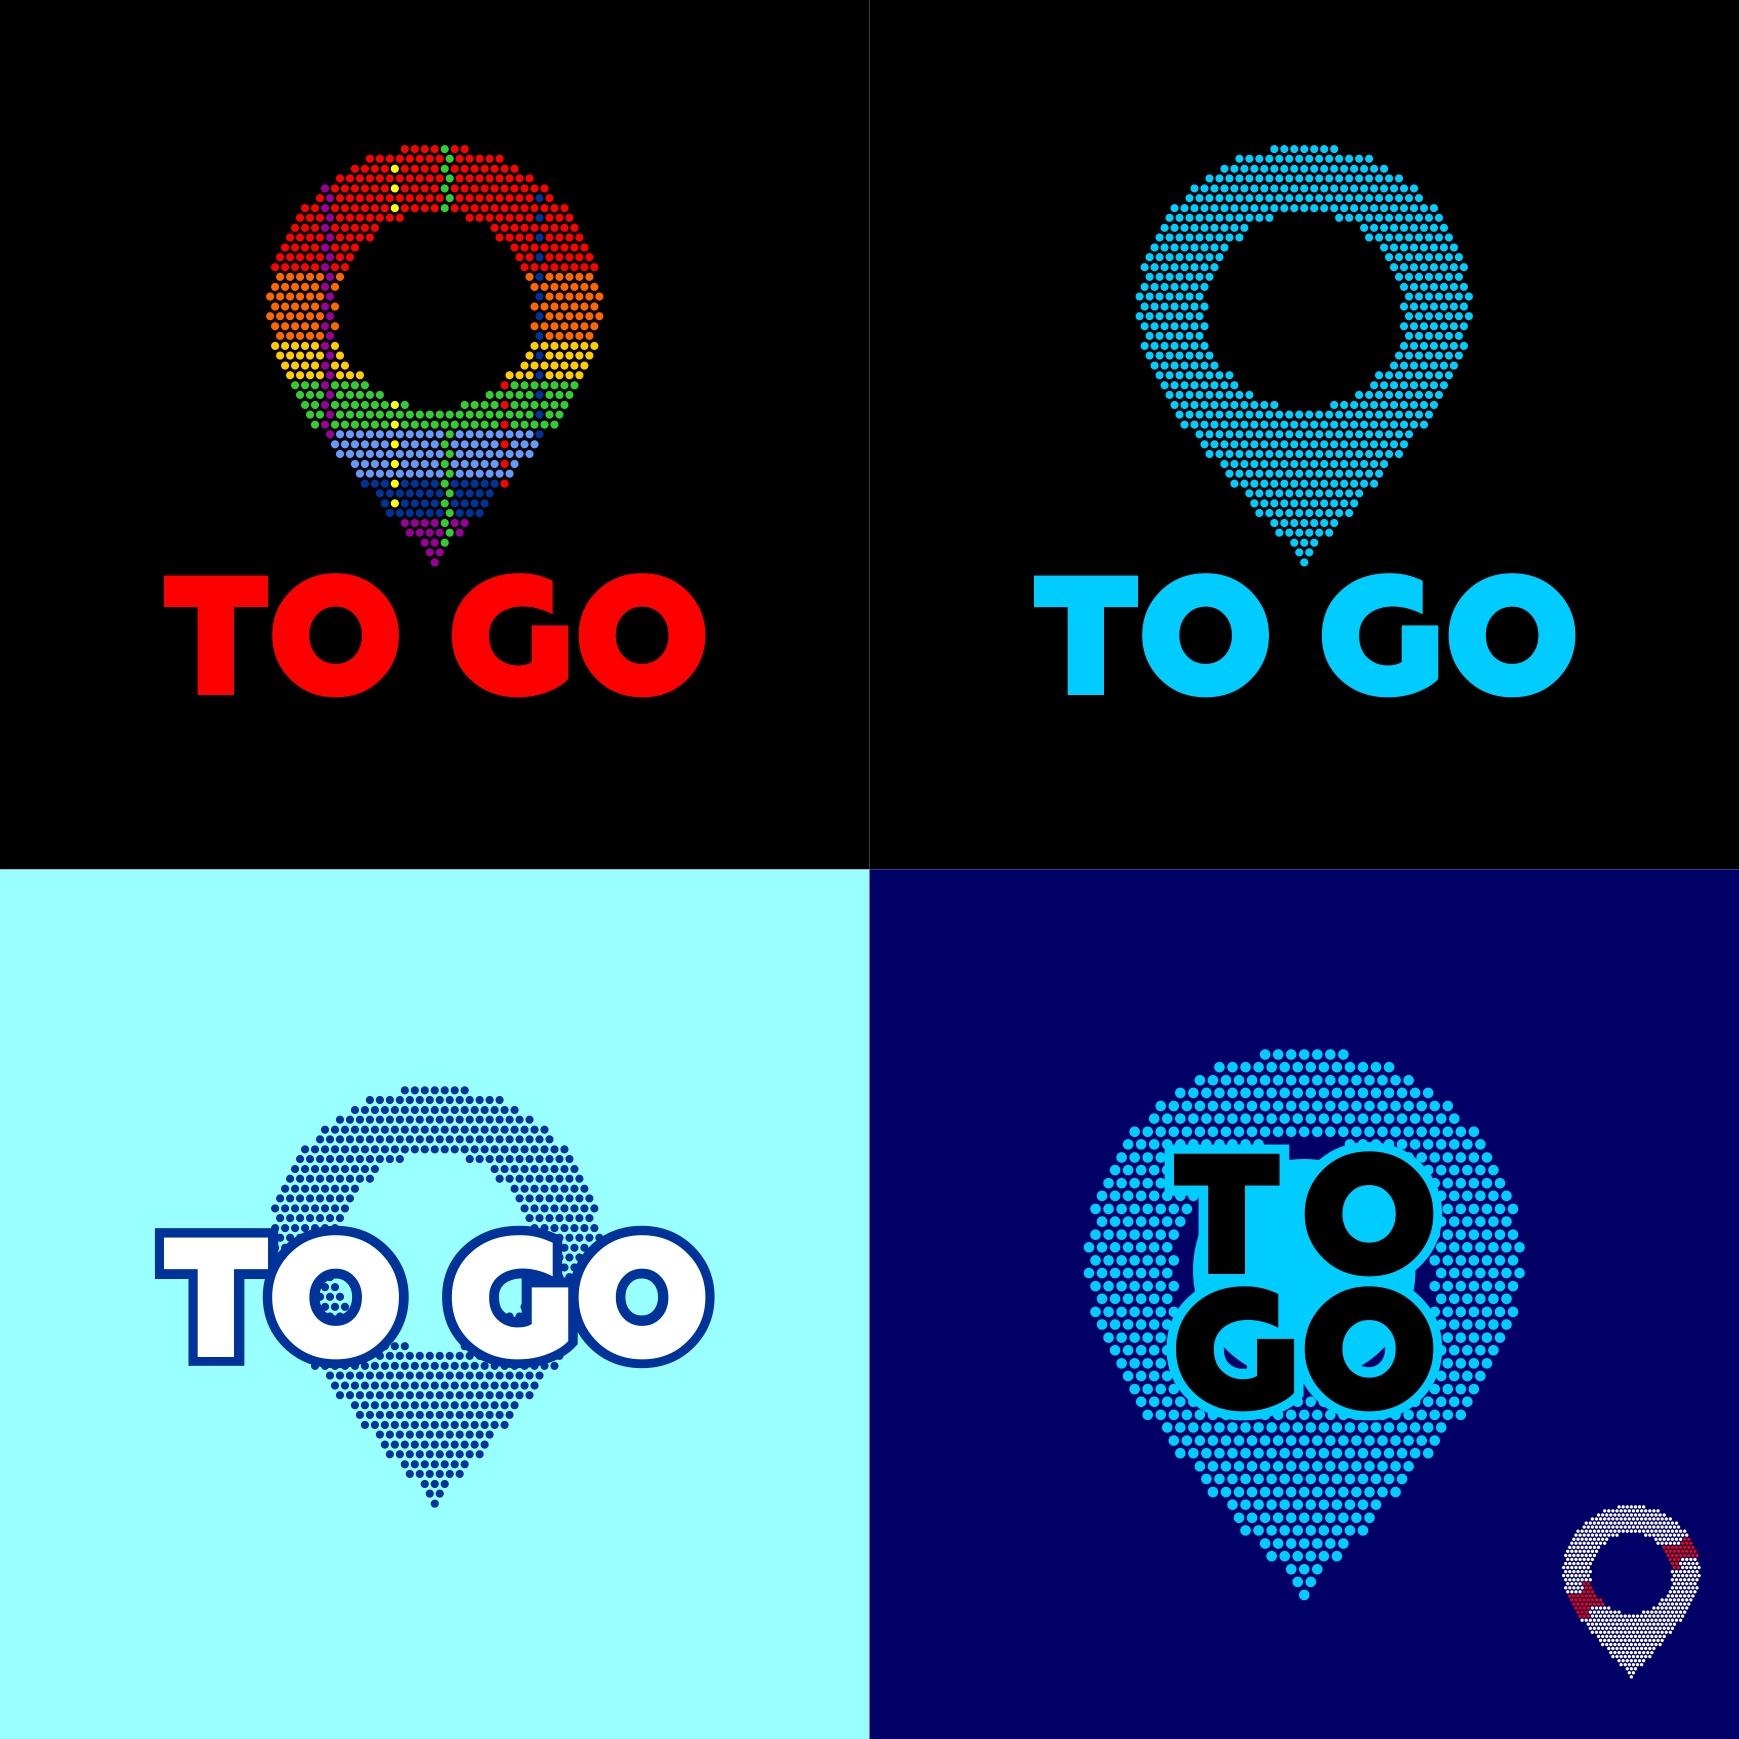 Разработать логотип и экран загрузки приложения фото f_6515a9a9e3b1f054.jpg